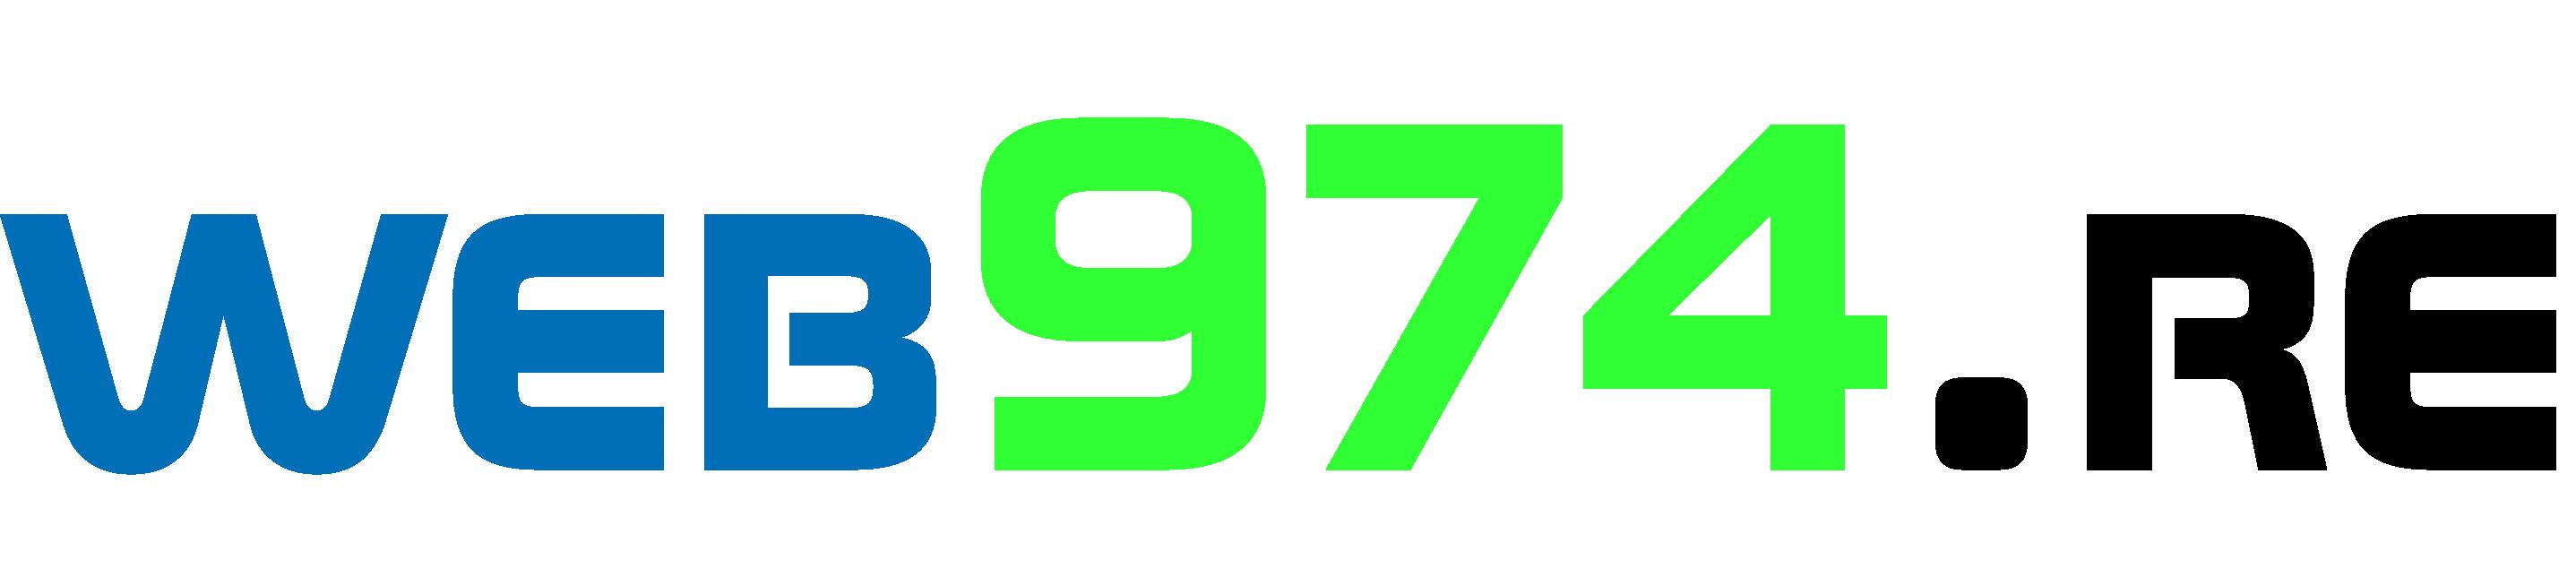 web974.re